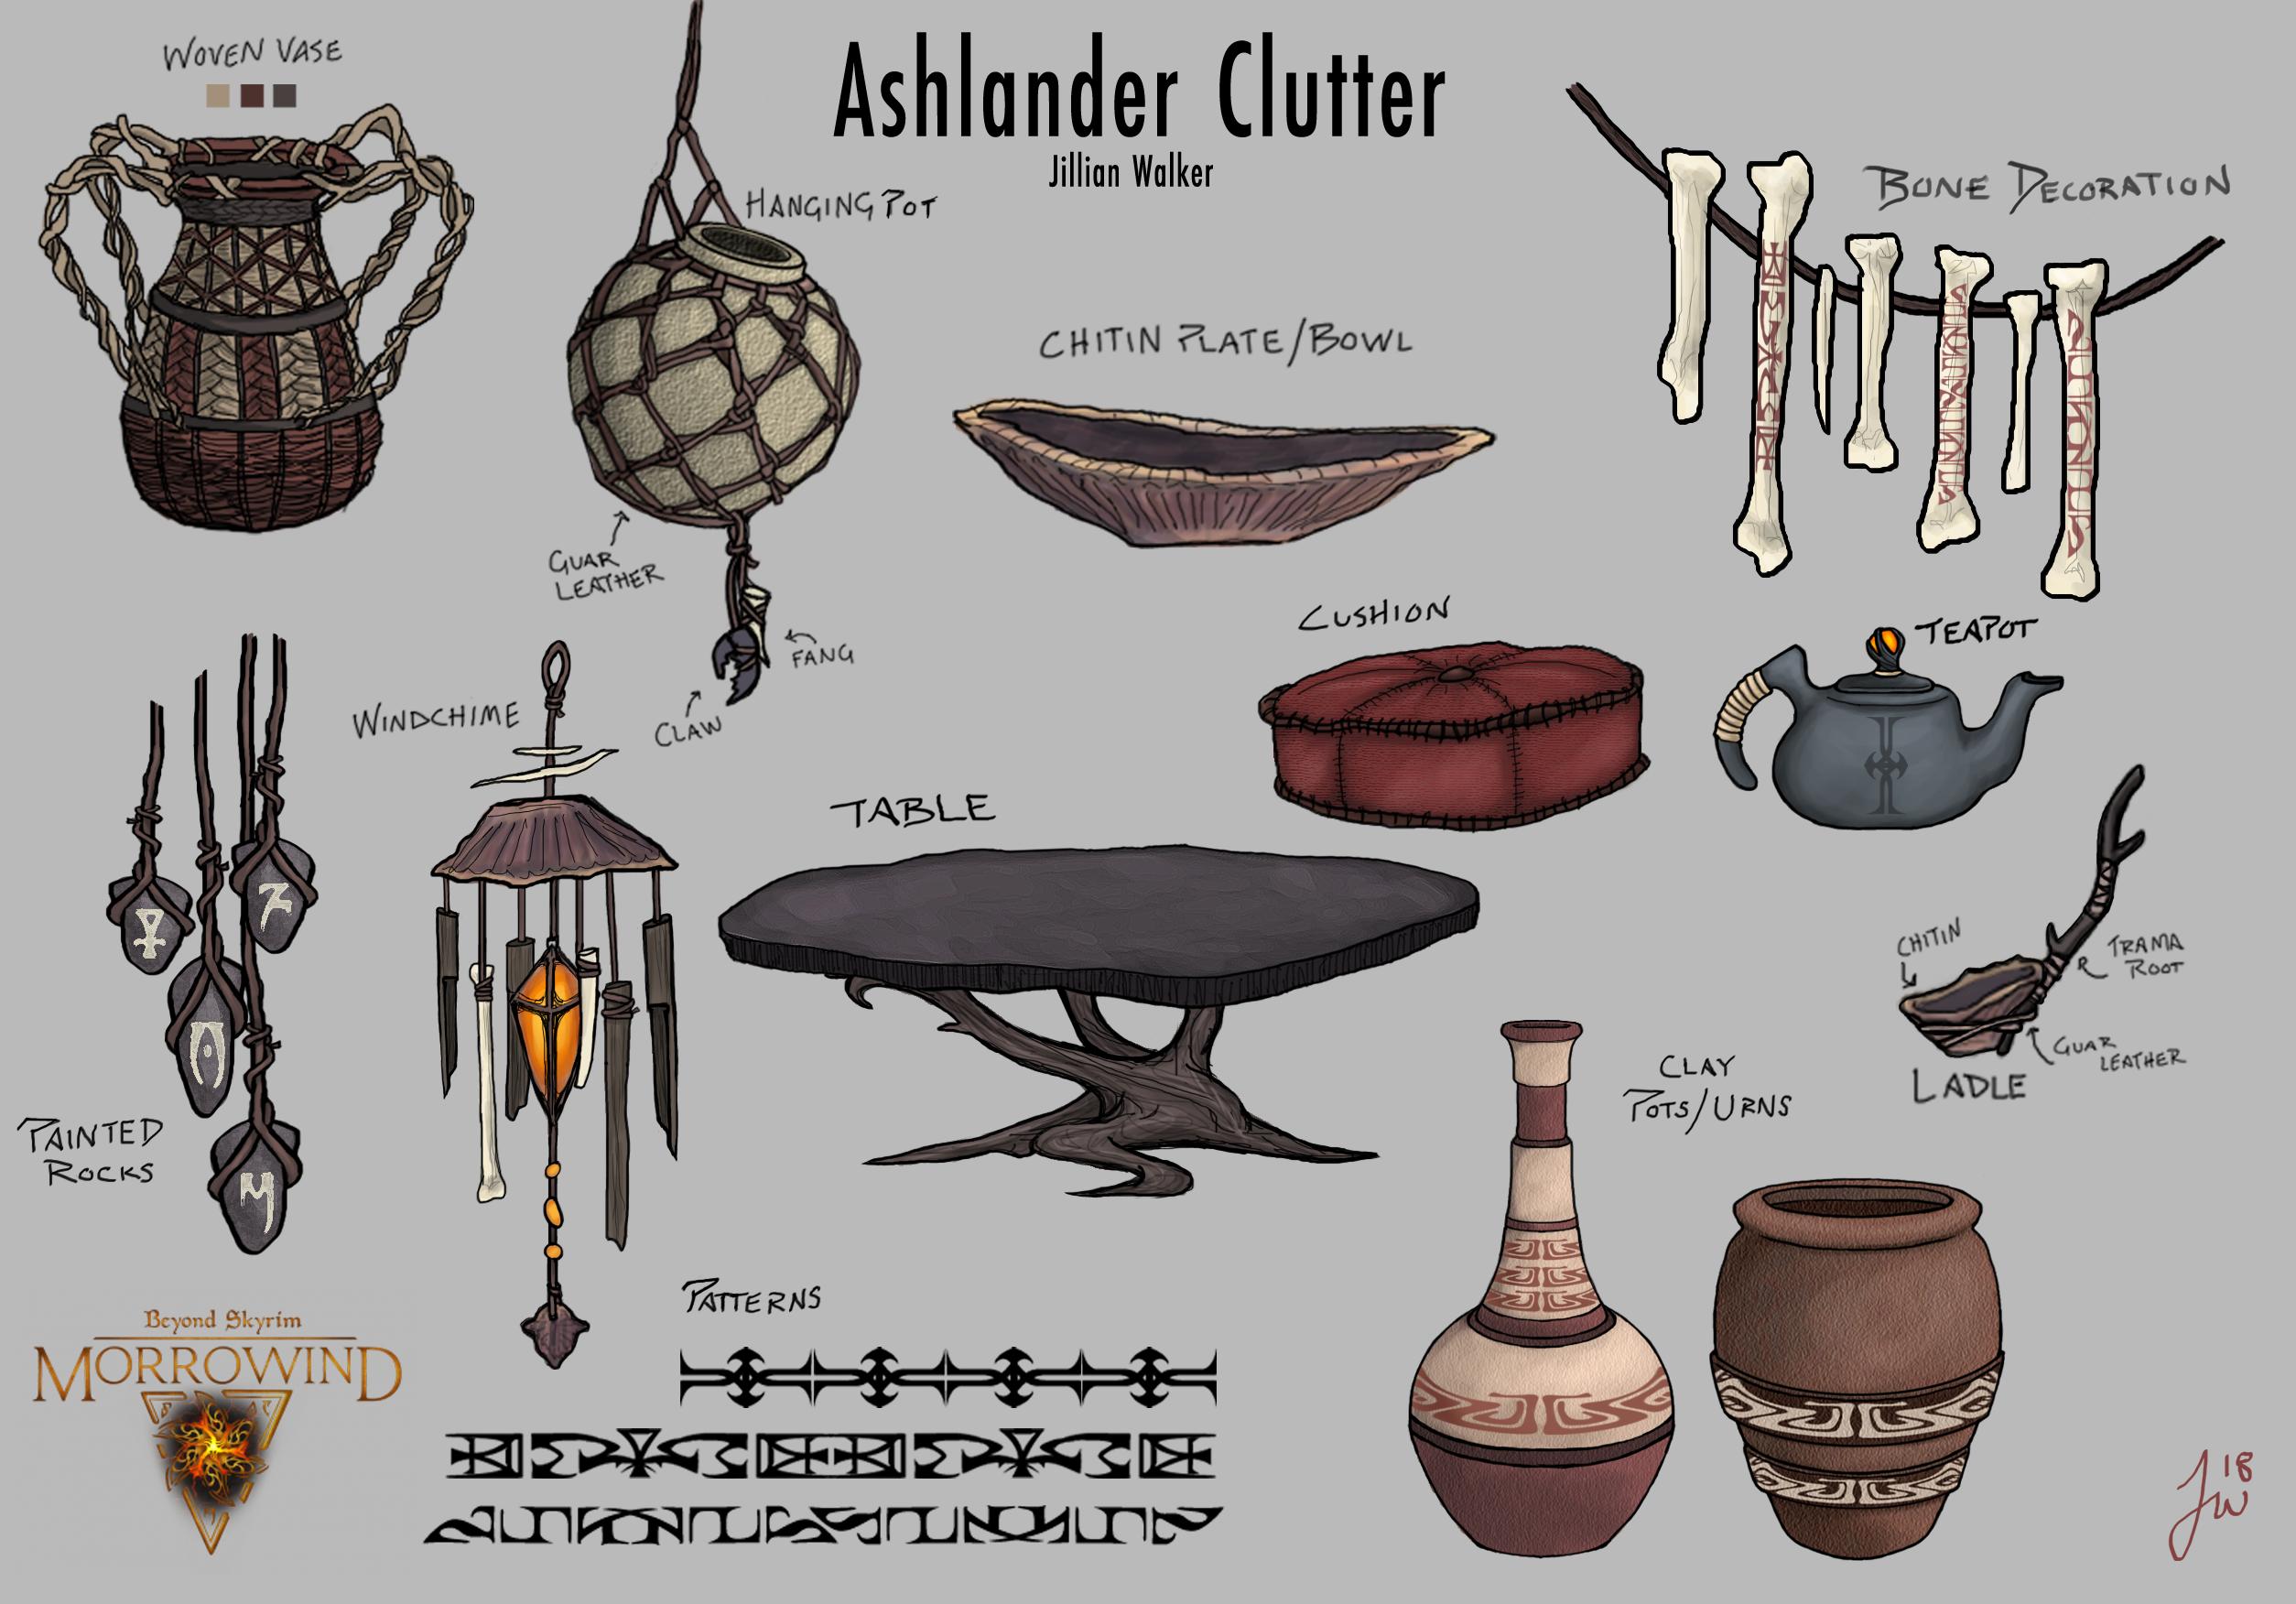 Ashlander Clutter